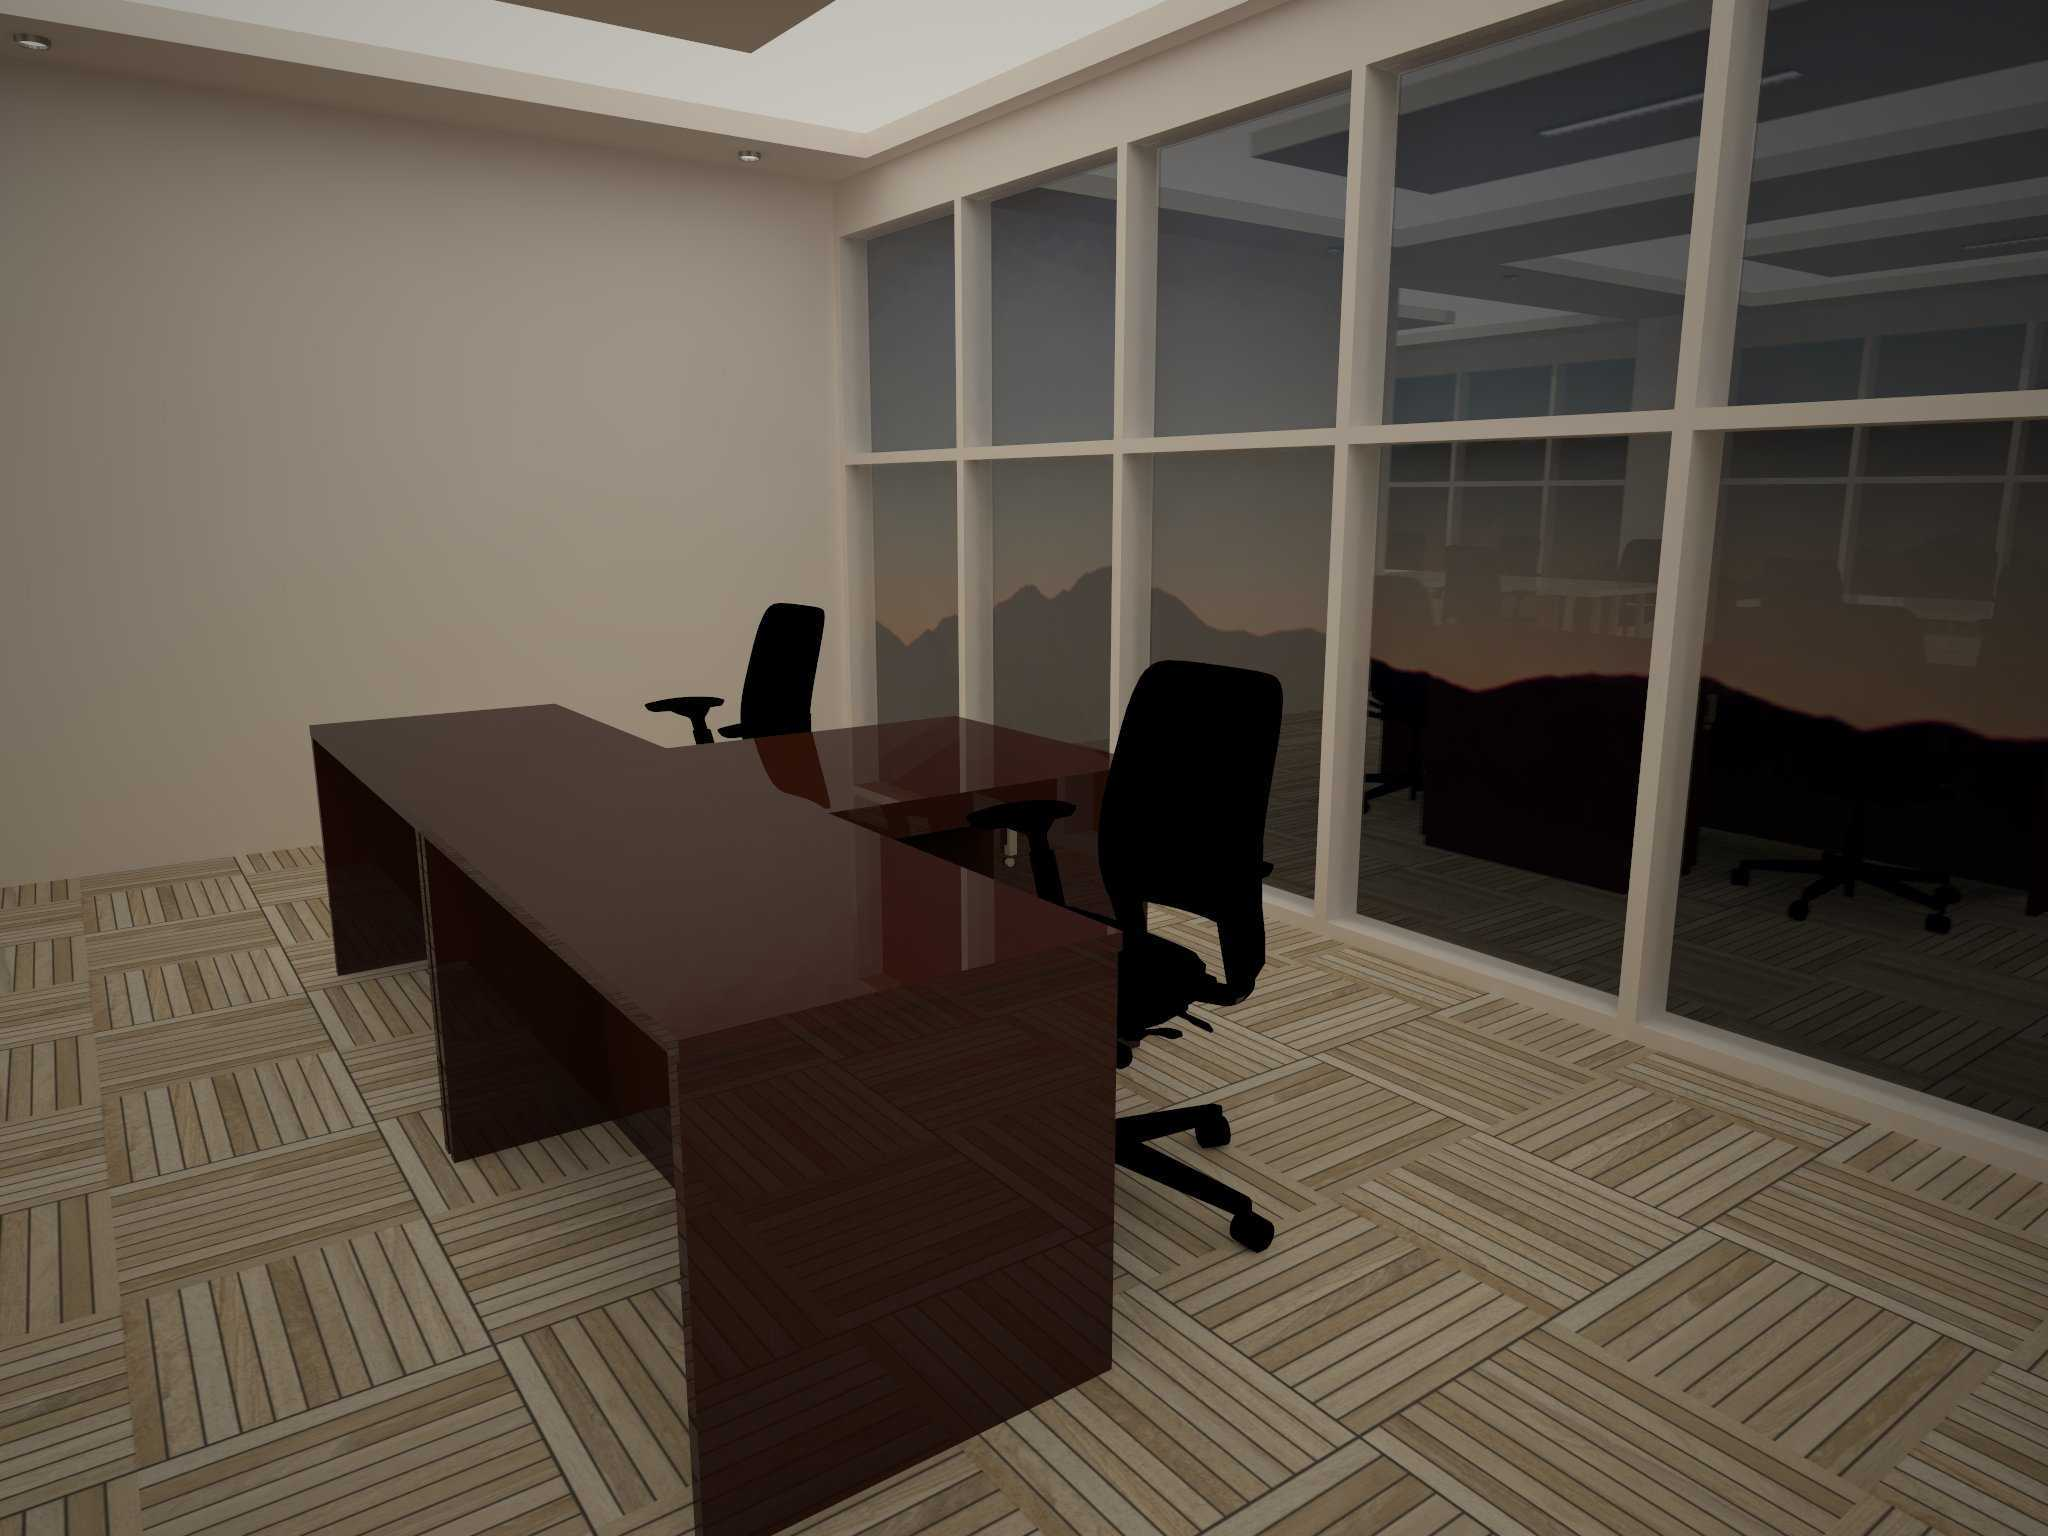 Jeffry Kurniawan Ruang Kantor Jakarta Pusat Jakarta Pusat Workspace   16073